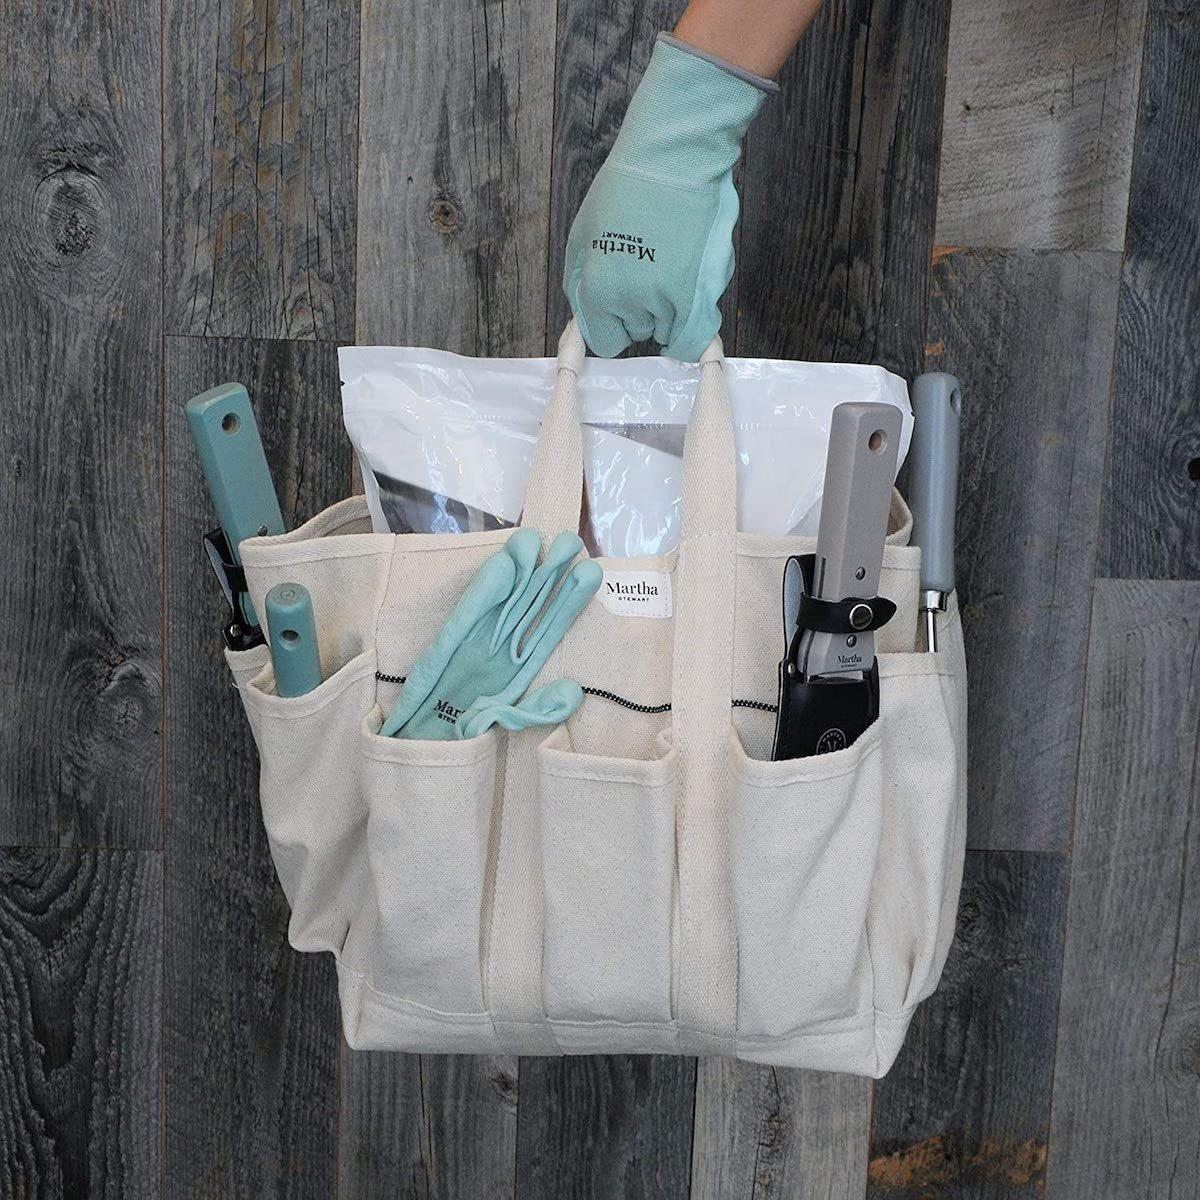 Martha Stewart garden bag